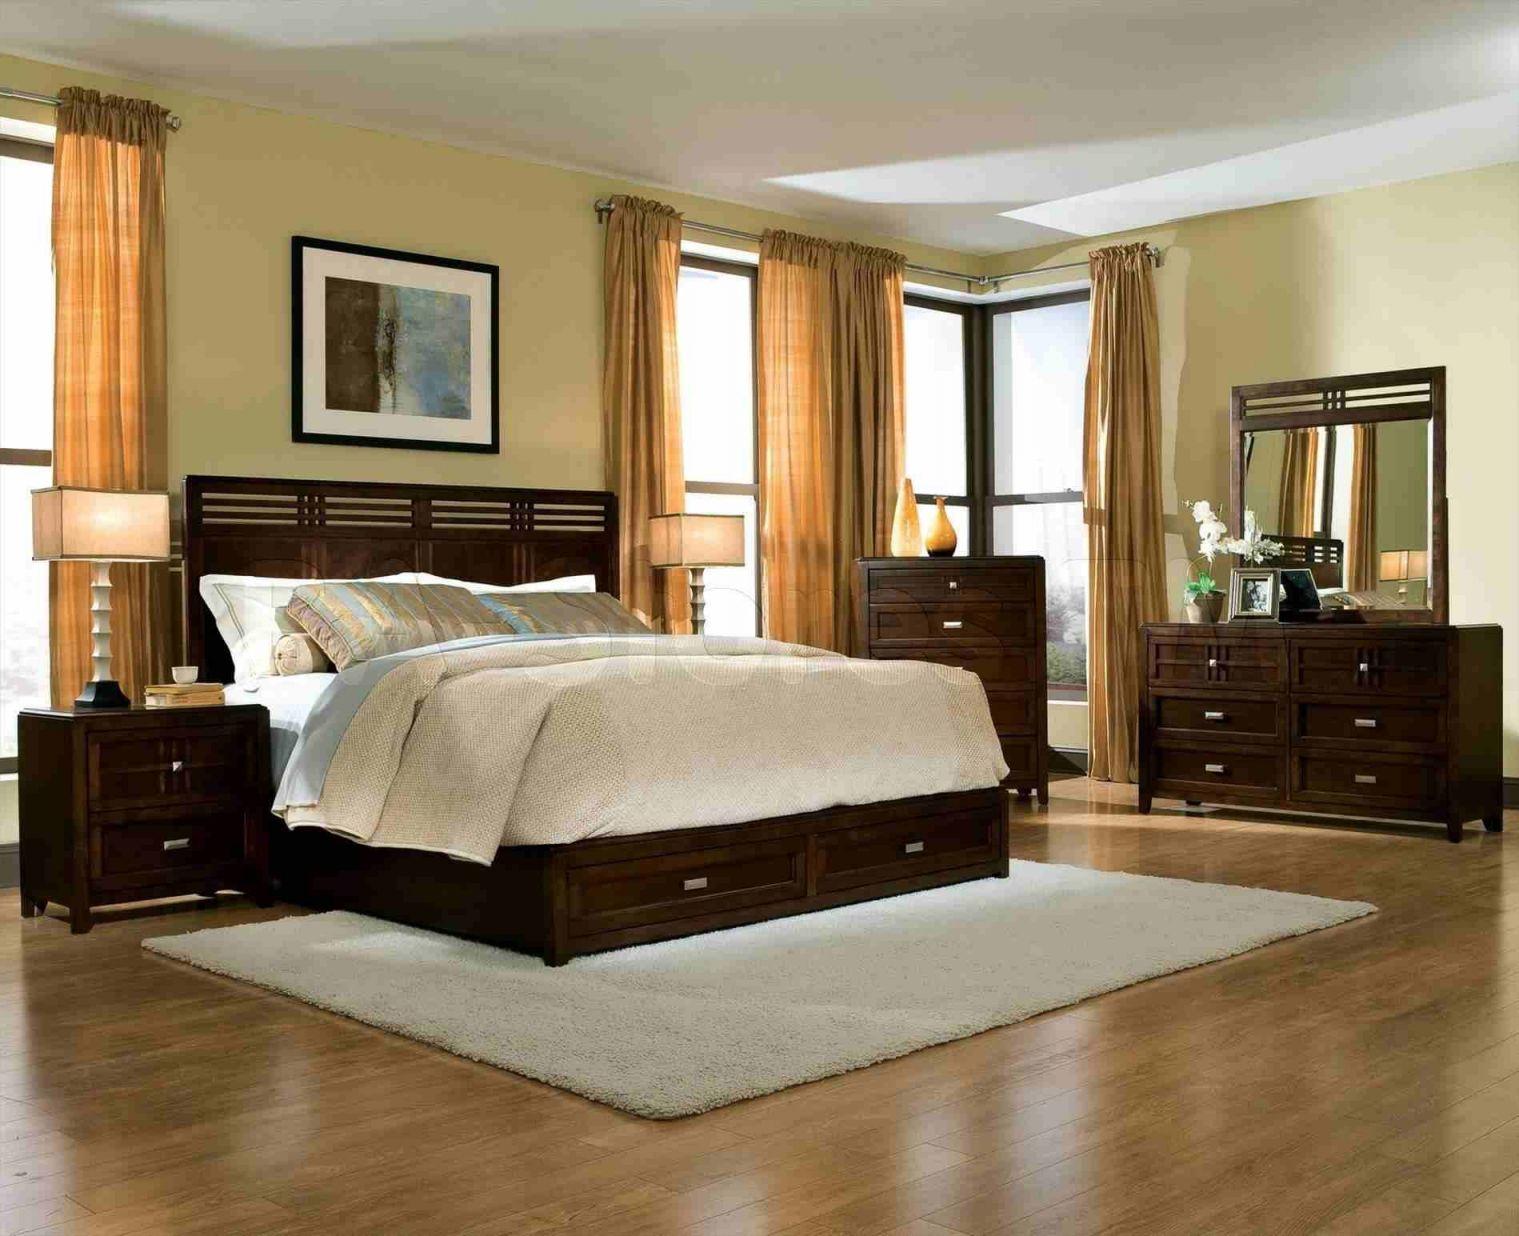 Fantastic Dark Wood Bedroom Furniture Ideas